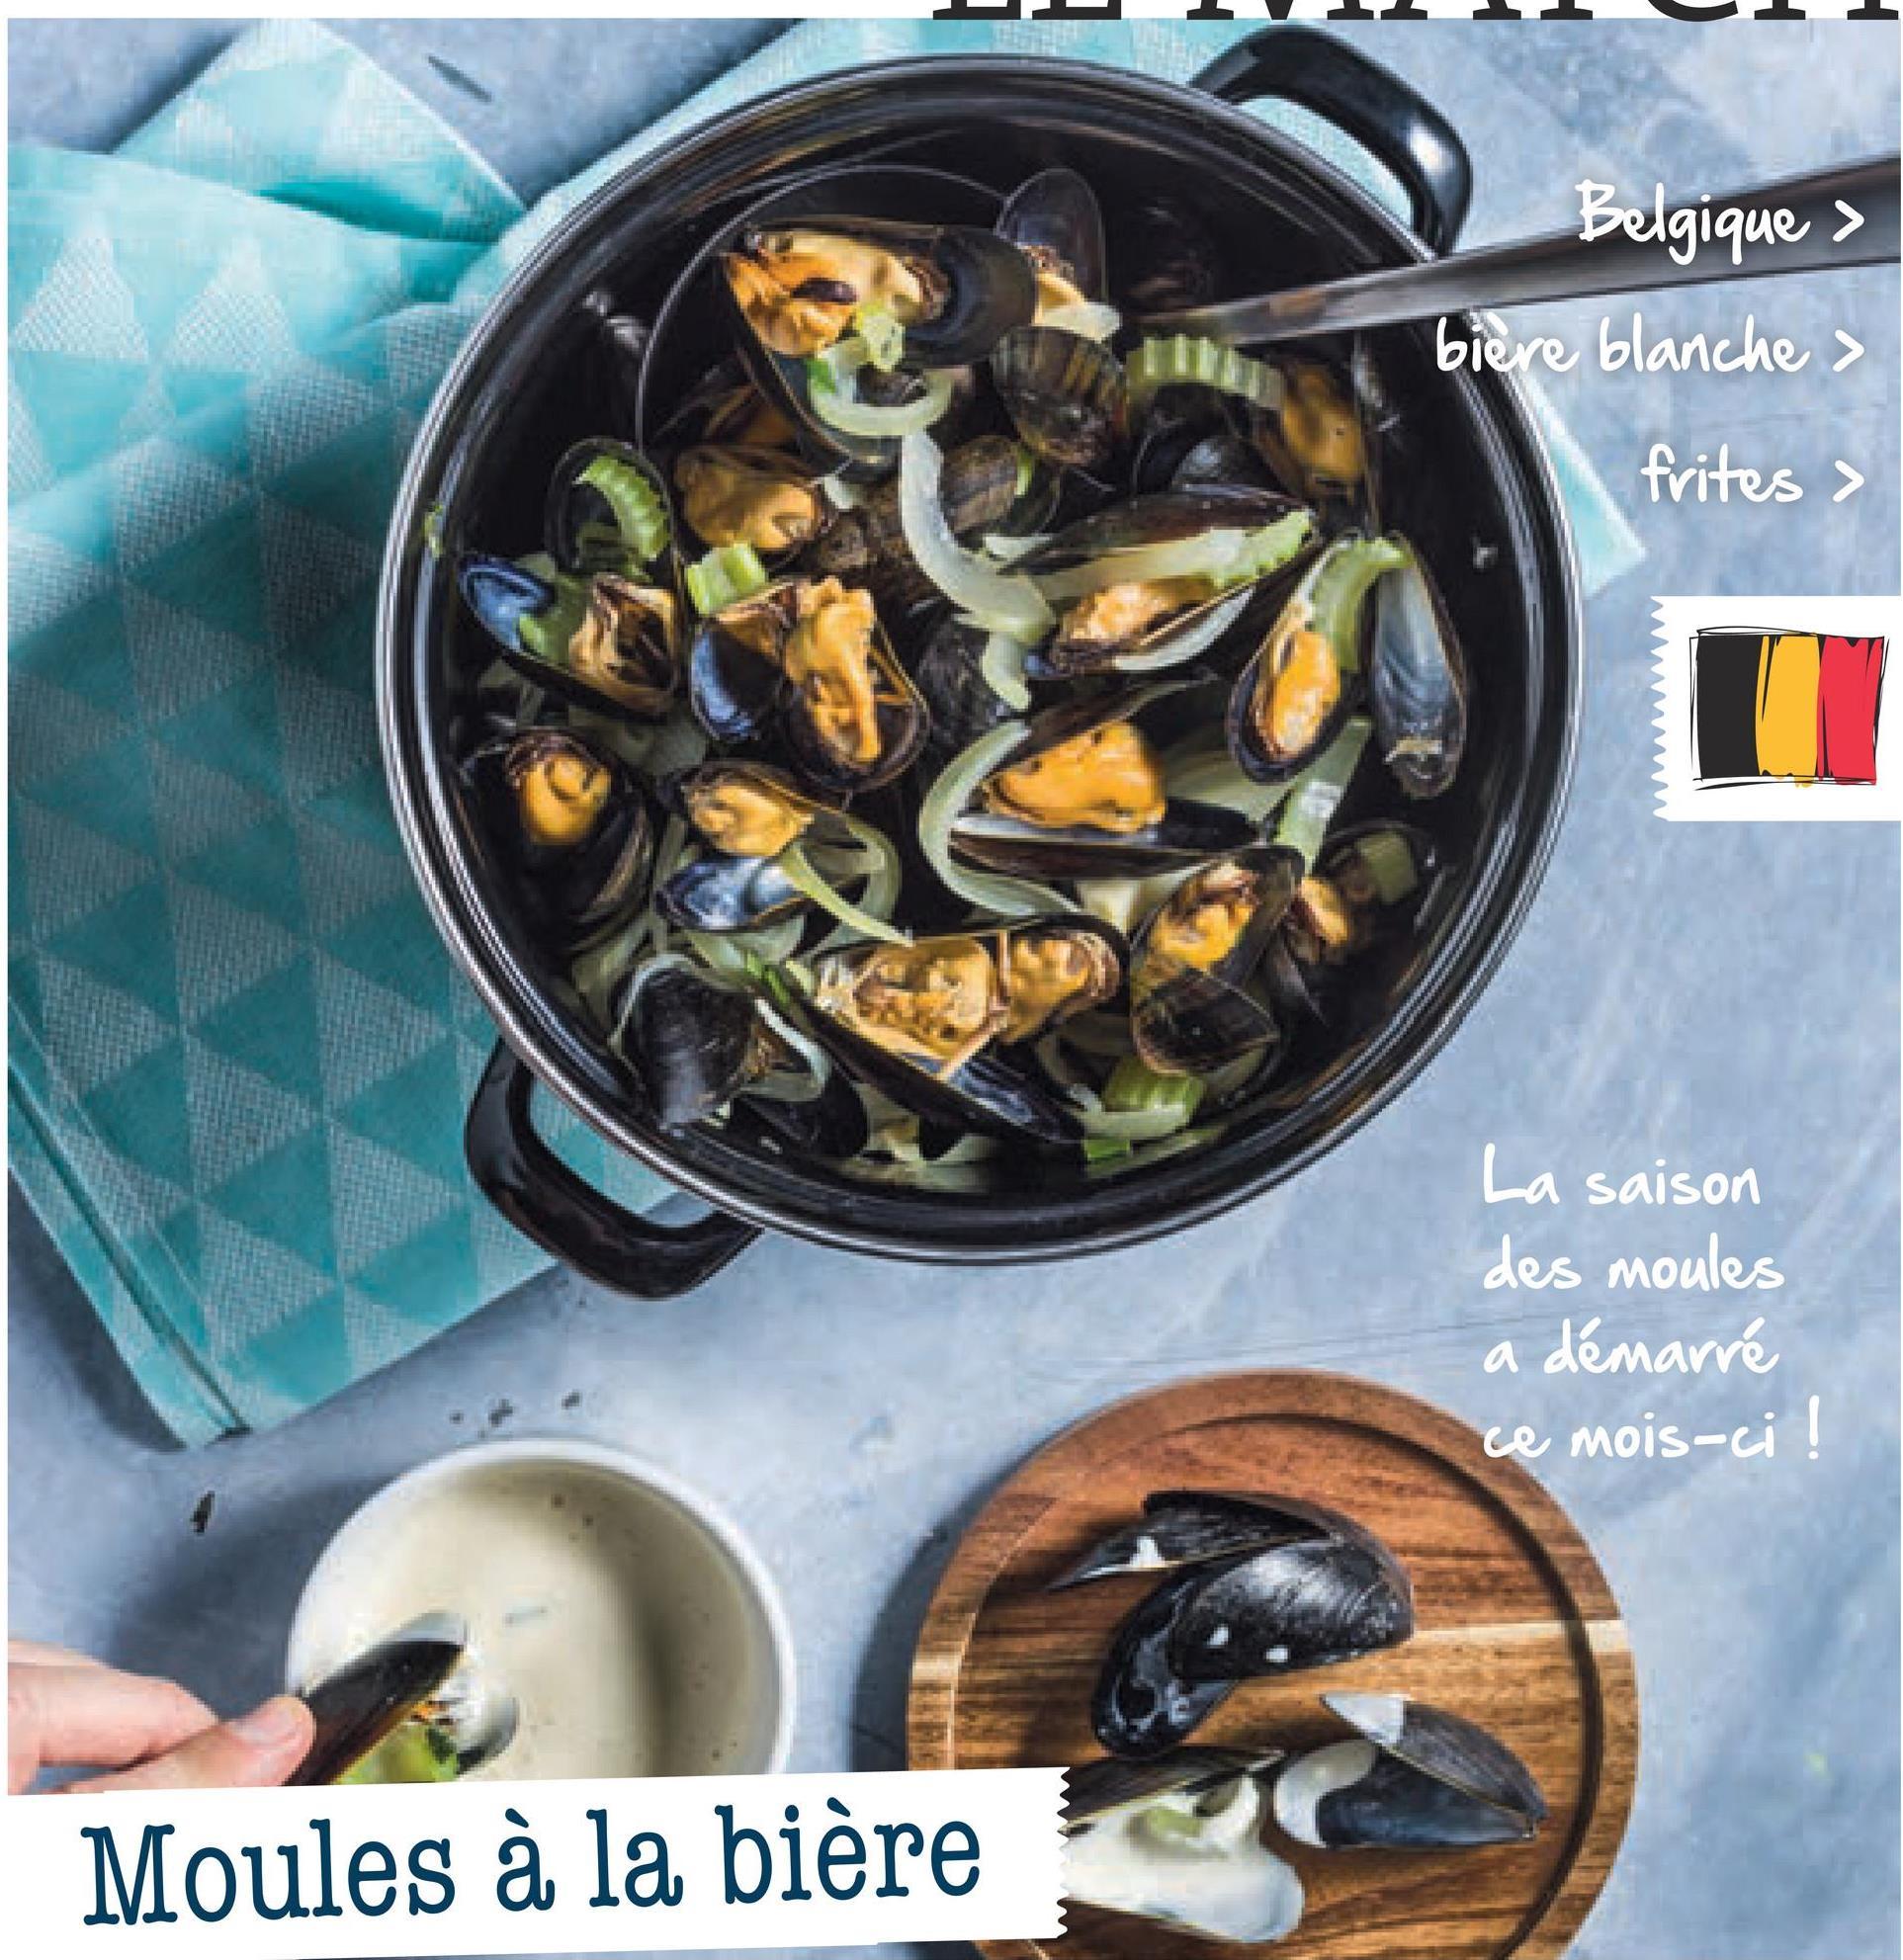 Folder Spar du 29/06/2018 au 31/07/2018 - Belgique > biere blanche > frites > La saison des moules a démarré ce mois-ci ! Moules à la bière